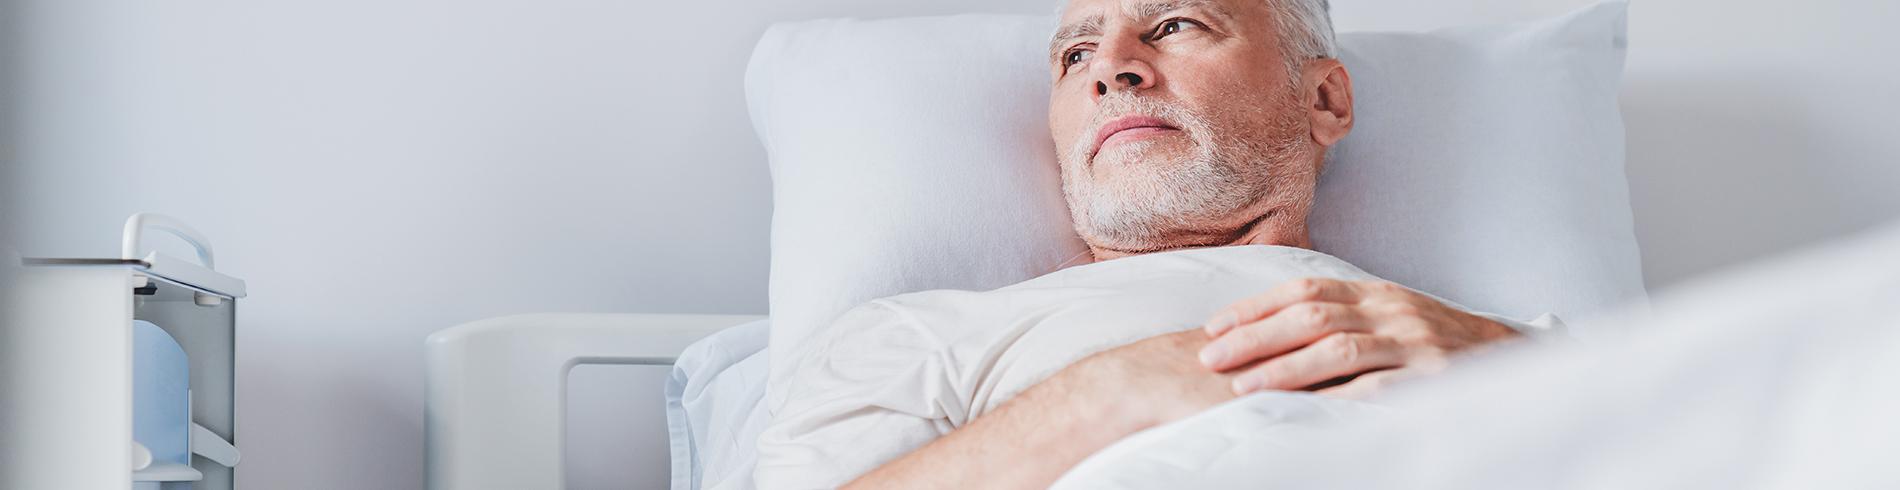 Assegurança d'hospitalització